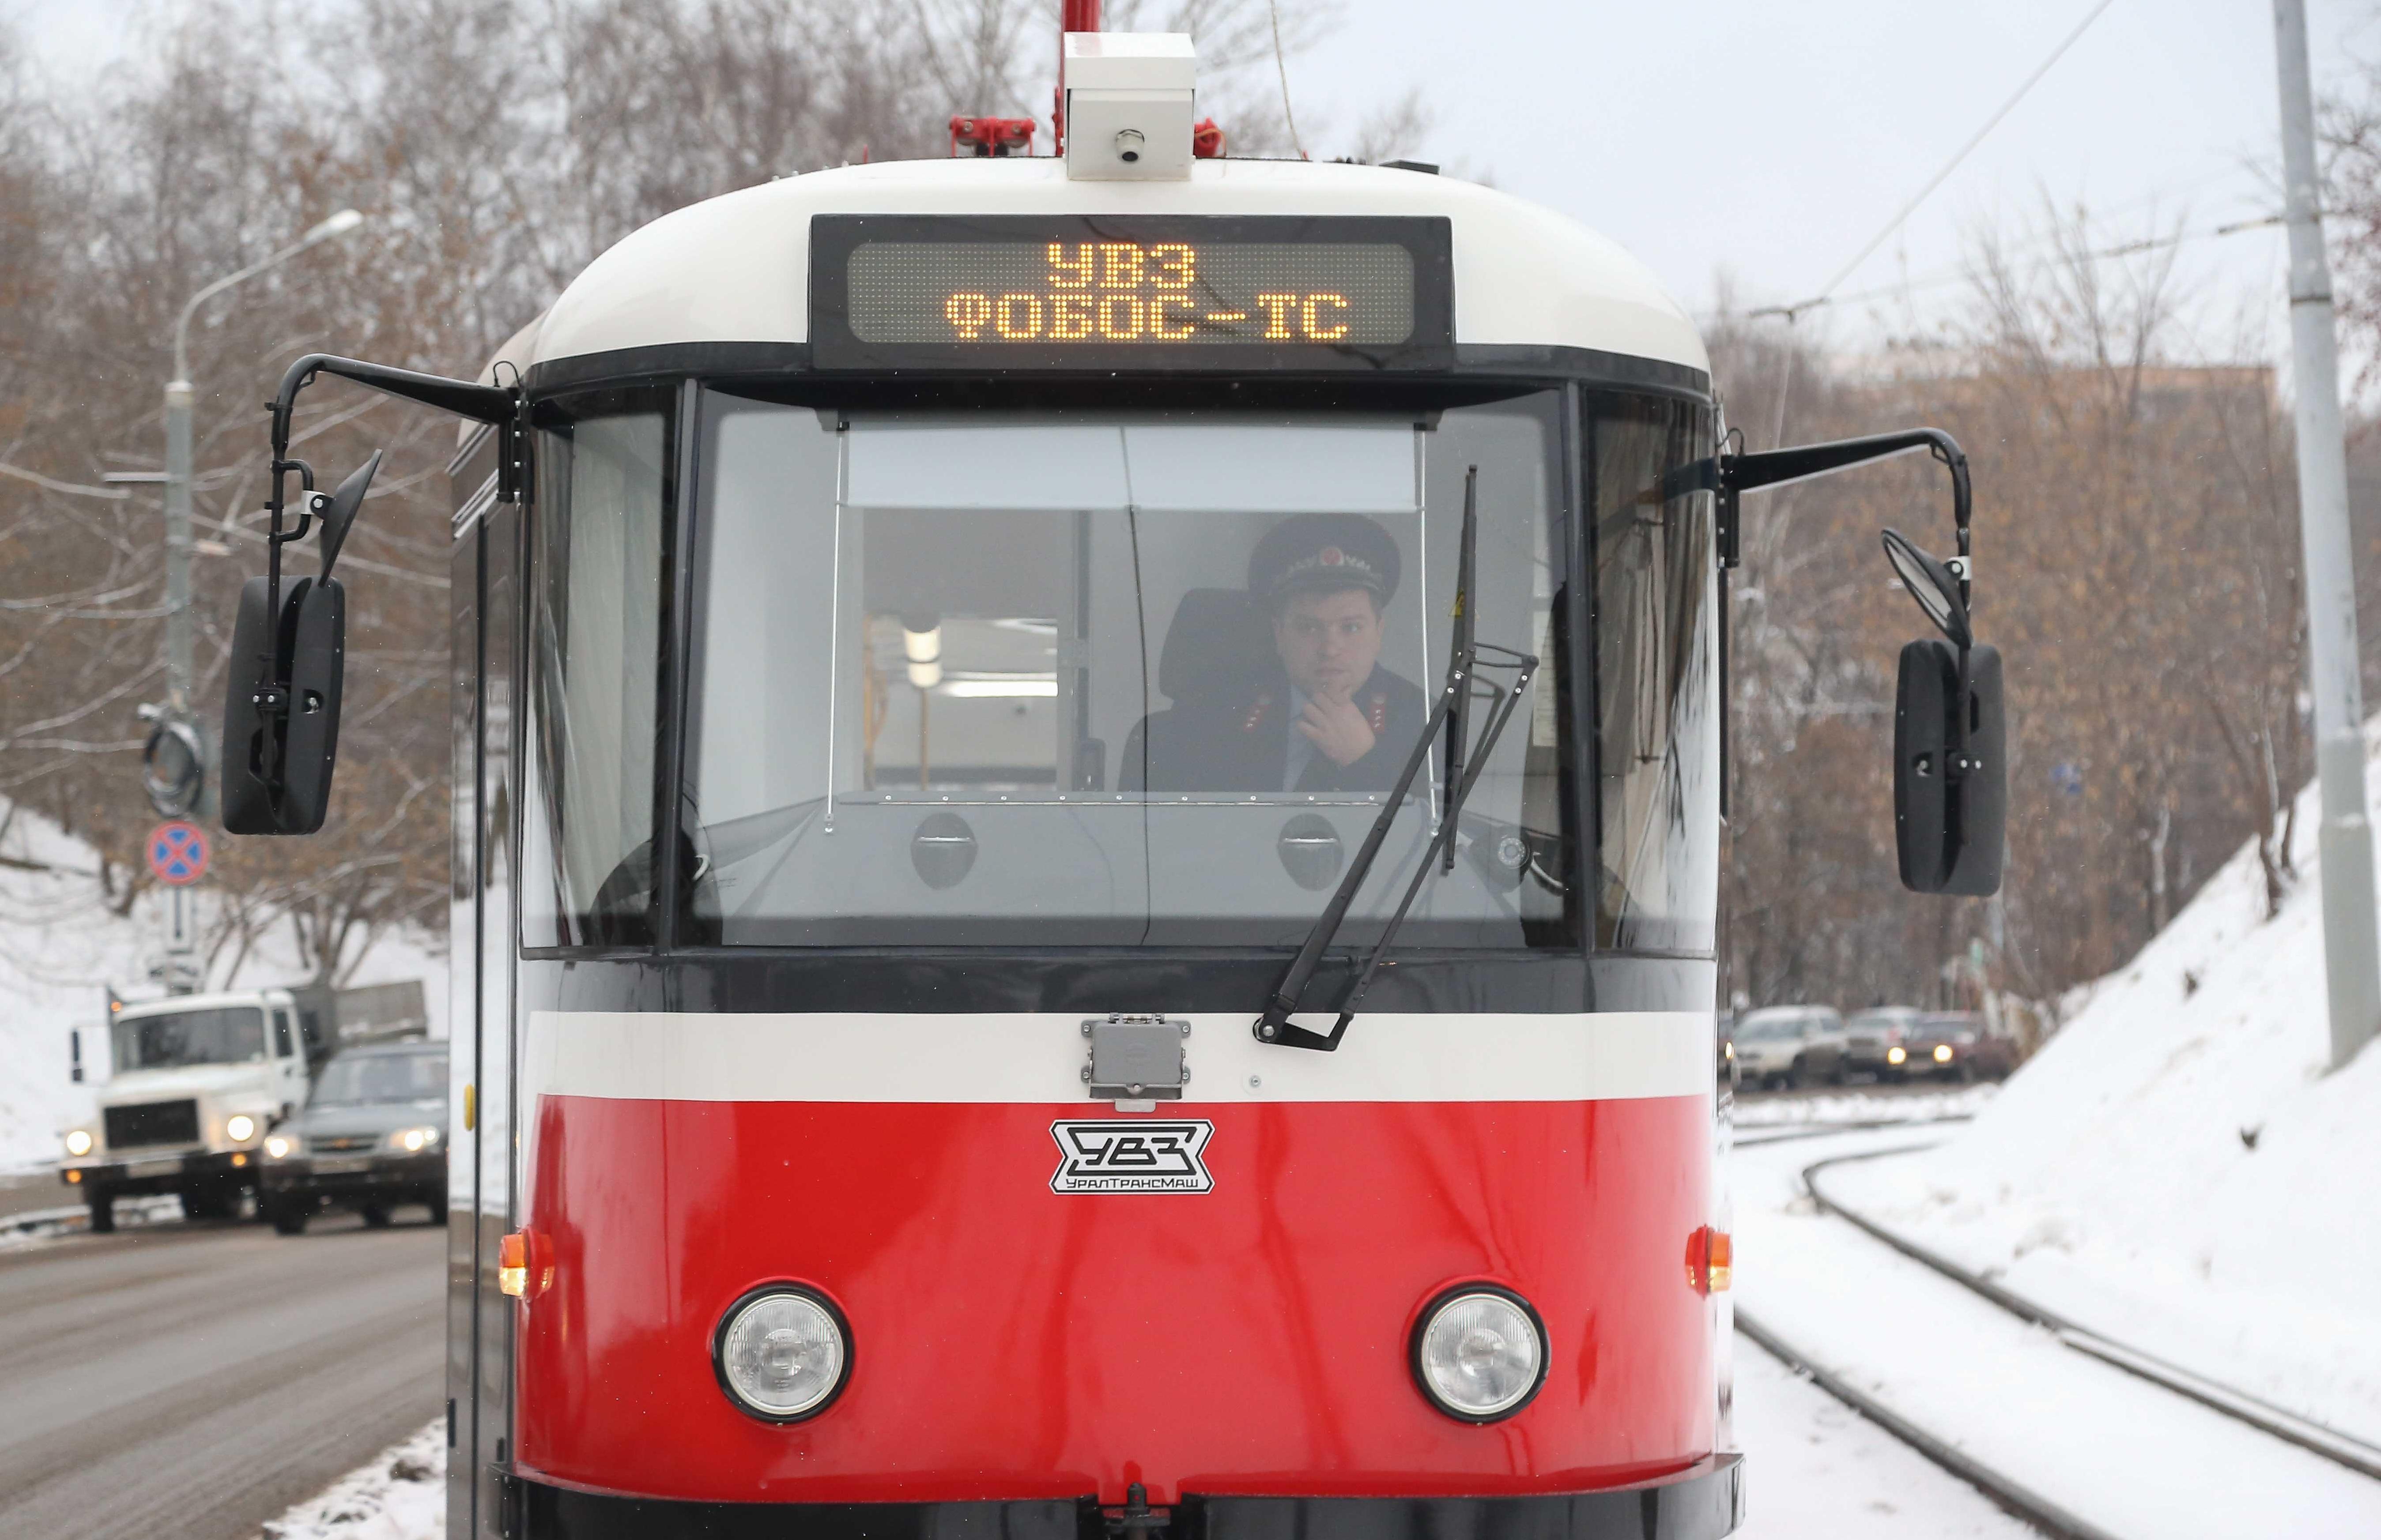 Новые трамвайные вагоны начнут производить в Нижнем Новгороде (ФОТО)